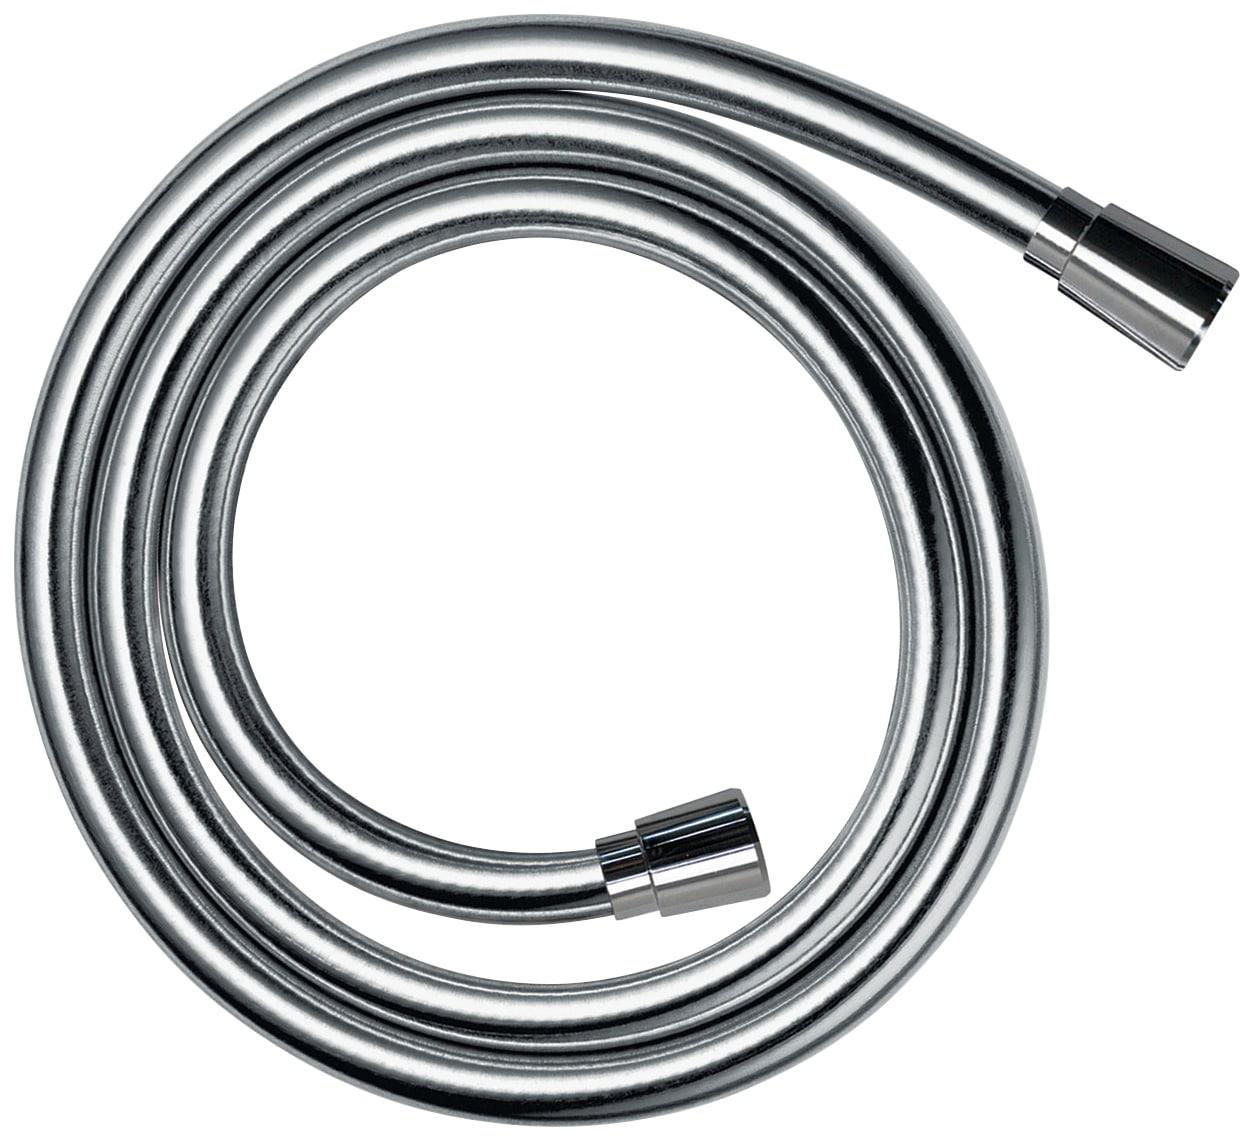 HANSGROHE Duschbrausenschlauch »Isiflex 200 cm«   Bad > Armaturen > Brauseschläuche   Silberfarben   Kunststoff   HANSGROHE